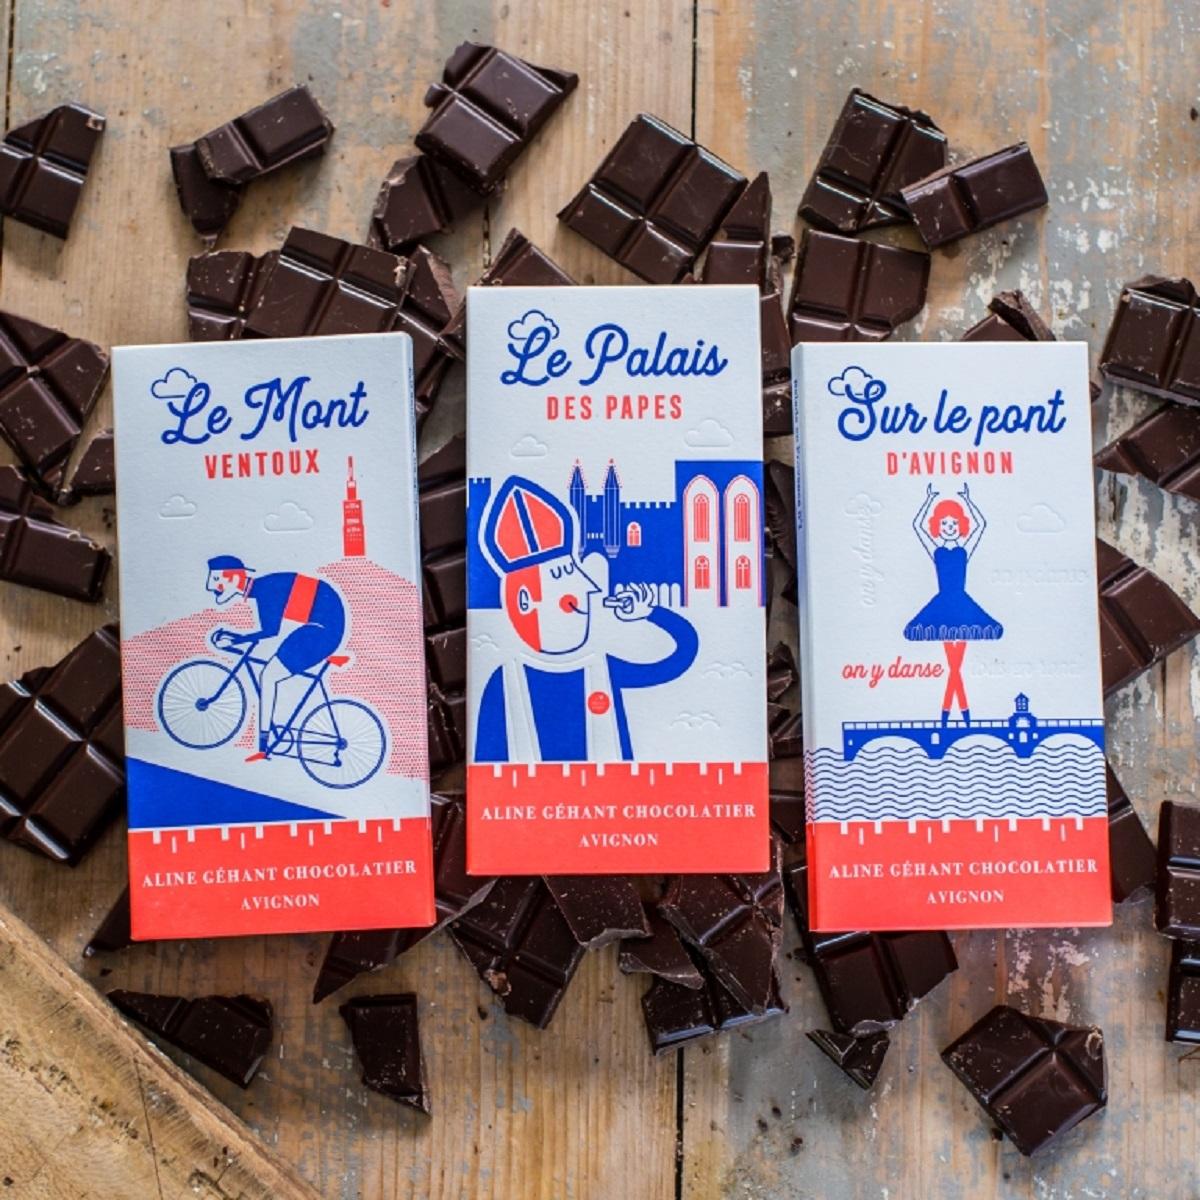 Aline Géhant Chocolatier